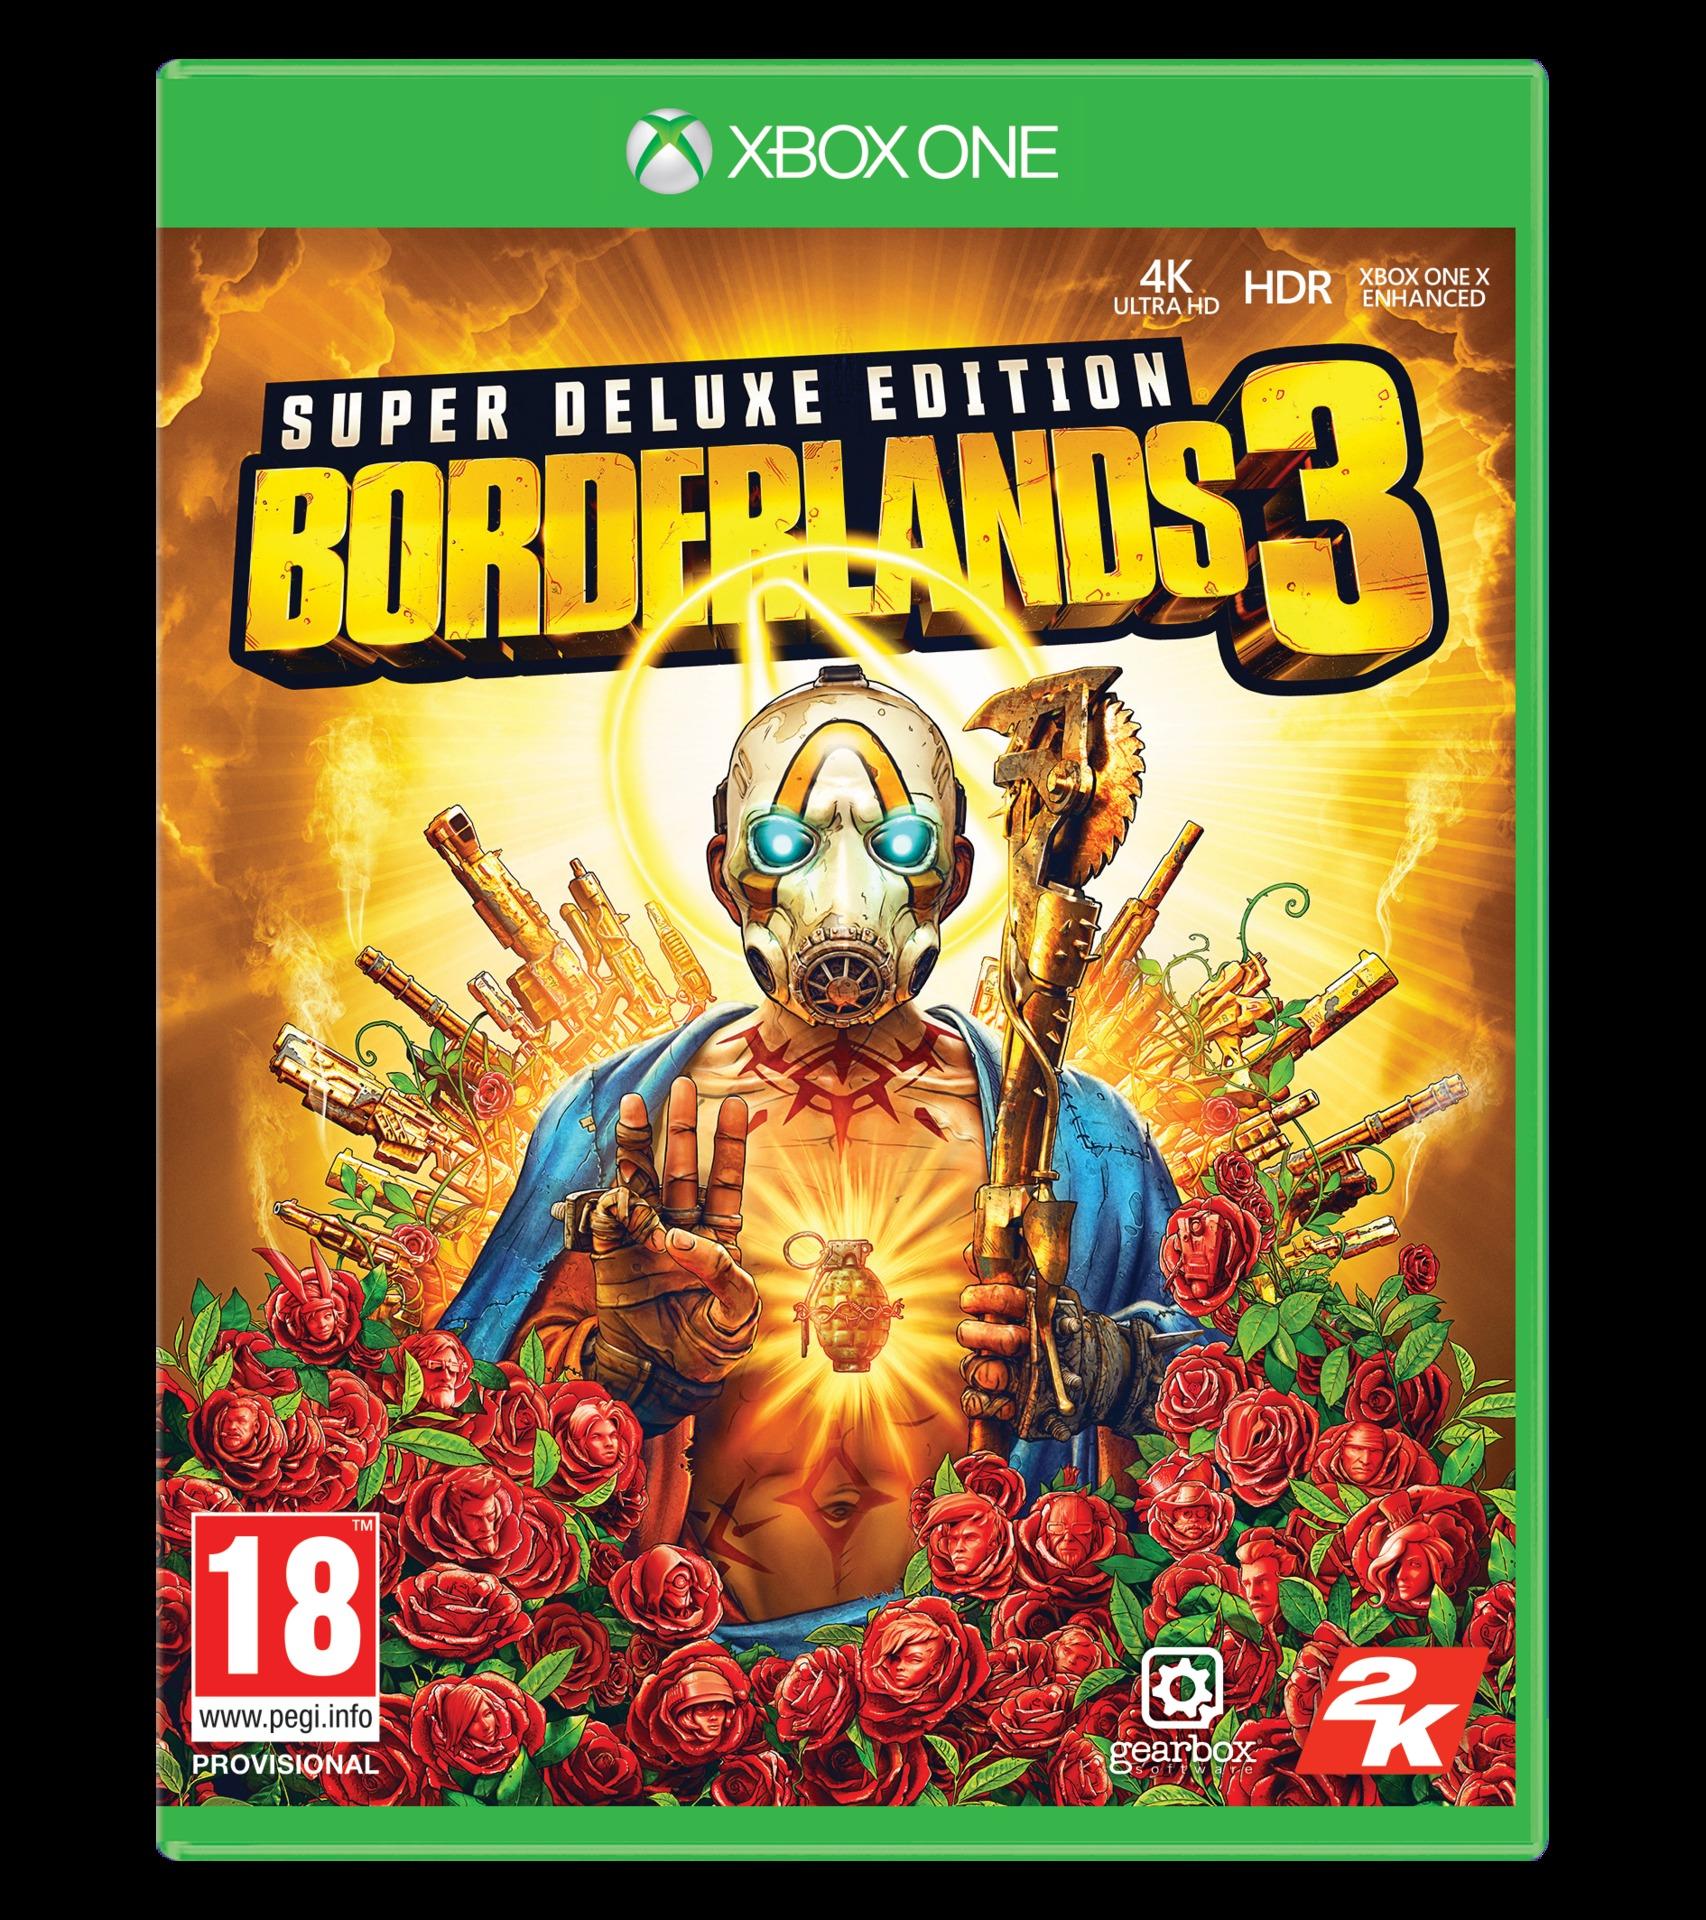 Borderlands 3 - Super Deluxe Edition (XONE)